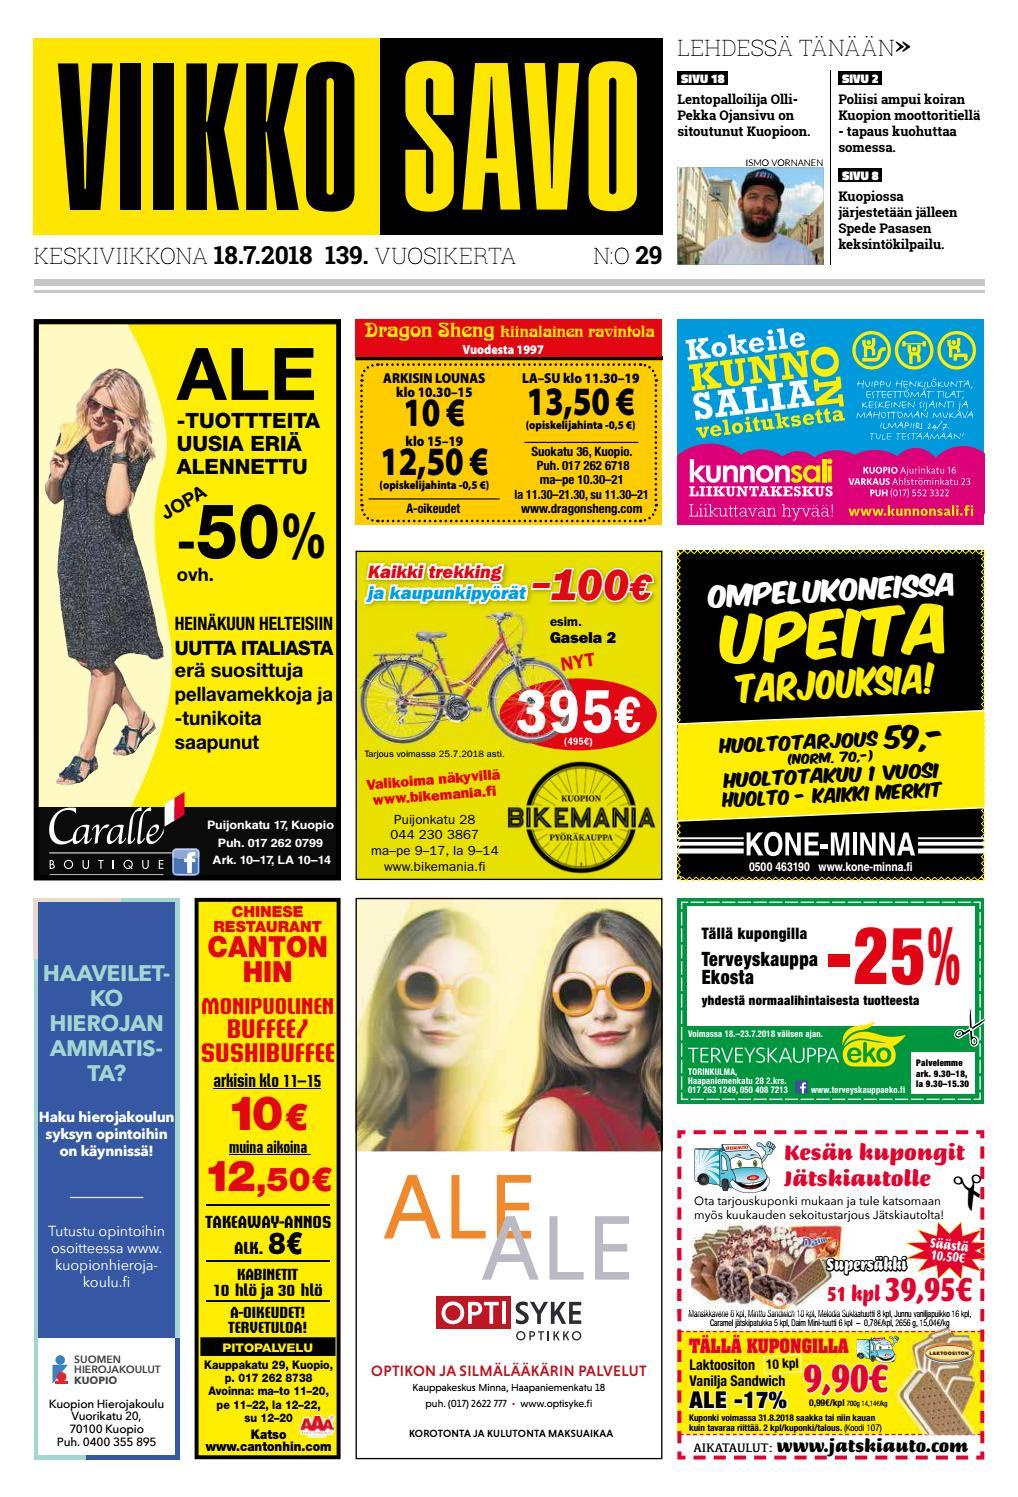 seksitreffi sivusto hanko ruotsalaiset naiset etsii miestä kramfors